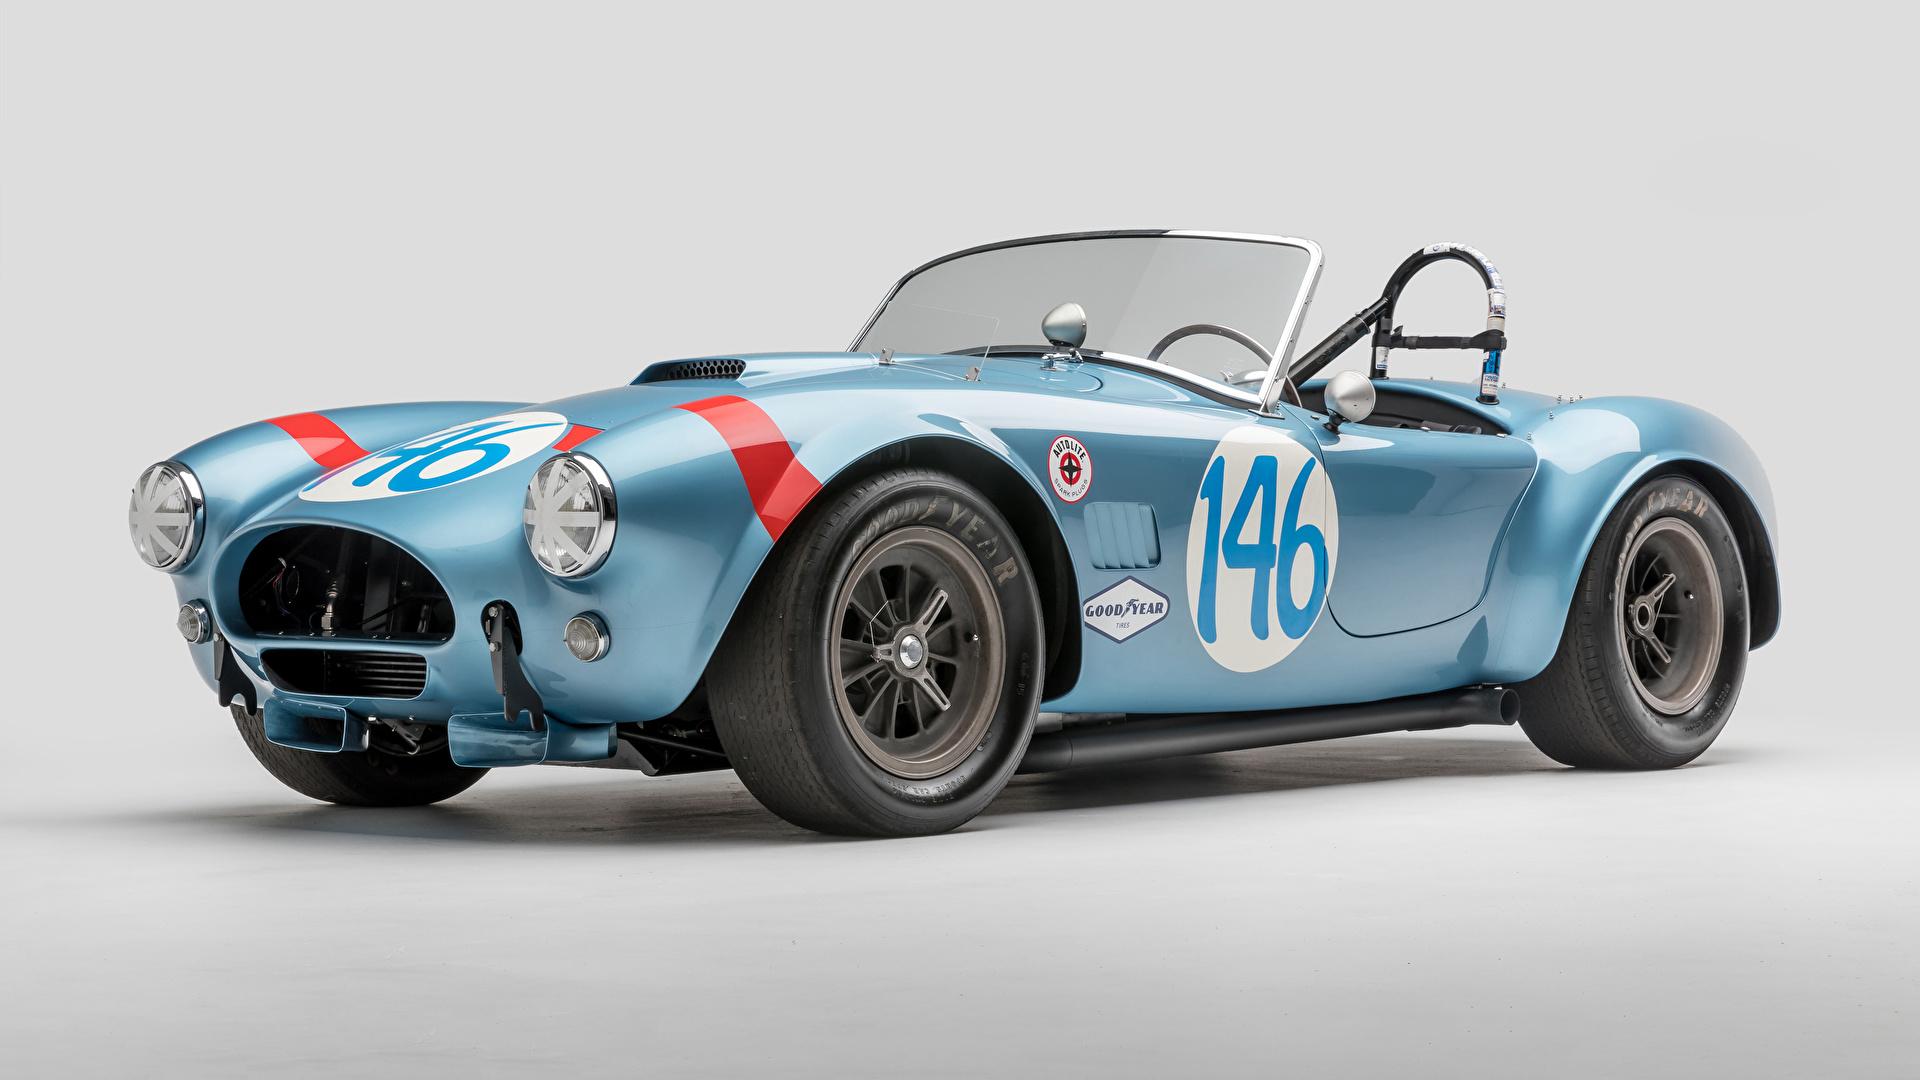 Обои для рабочего стола SSC 1964 Shelby Cobra 289 FIA Competition Родстер Кабриолет Ретро Голубой Автомобили сером фоне 1920x1080 Shelby Super Cars кабриолета винтаж голубых голубые голубая старинные авто машина машины автомобиль Серый фон